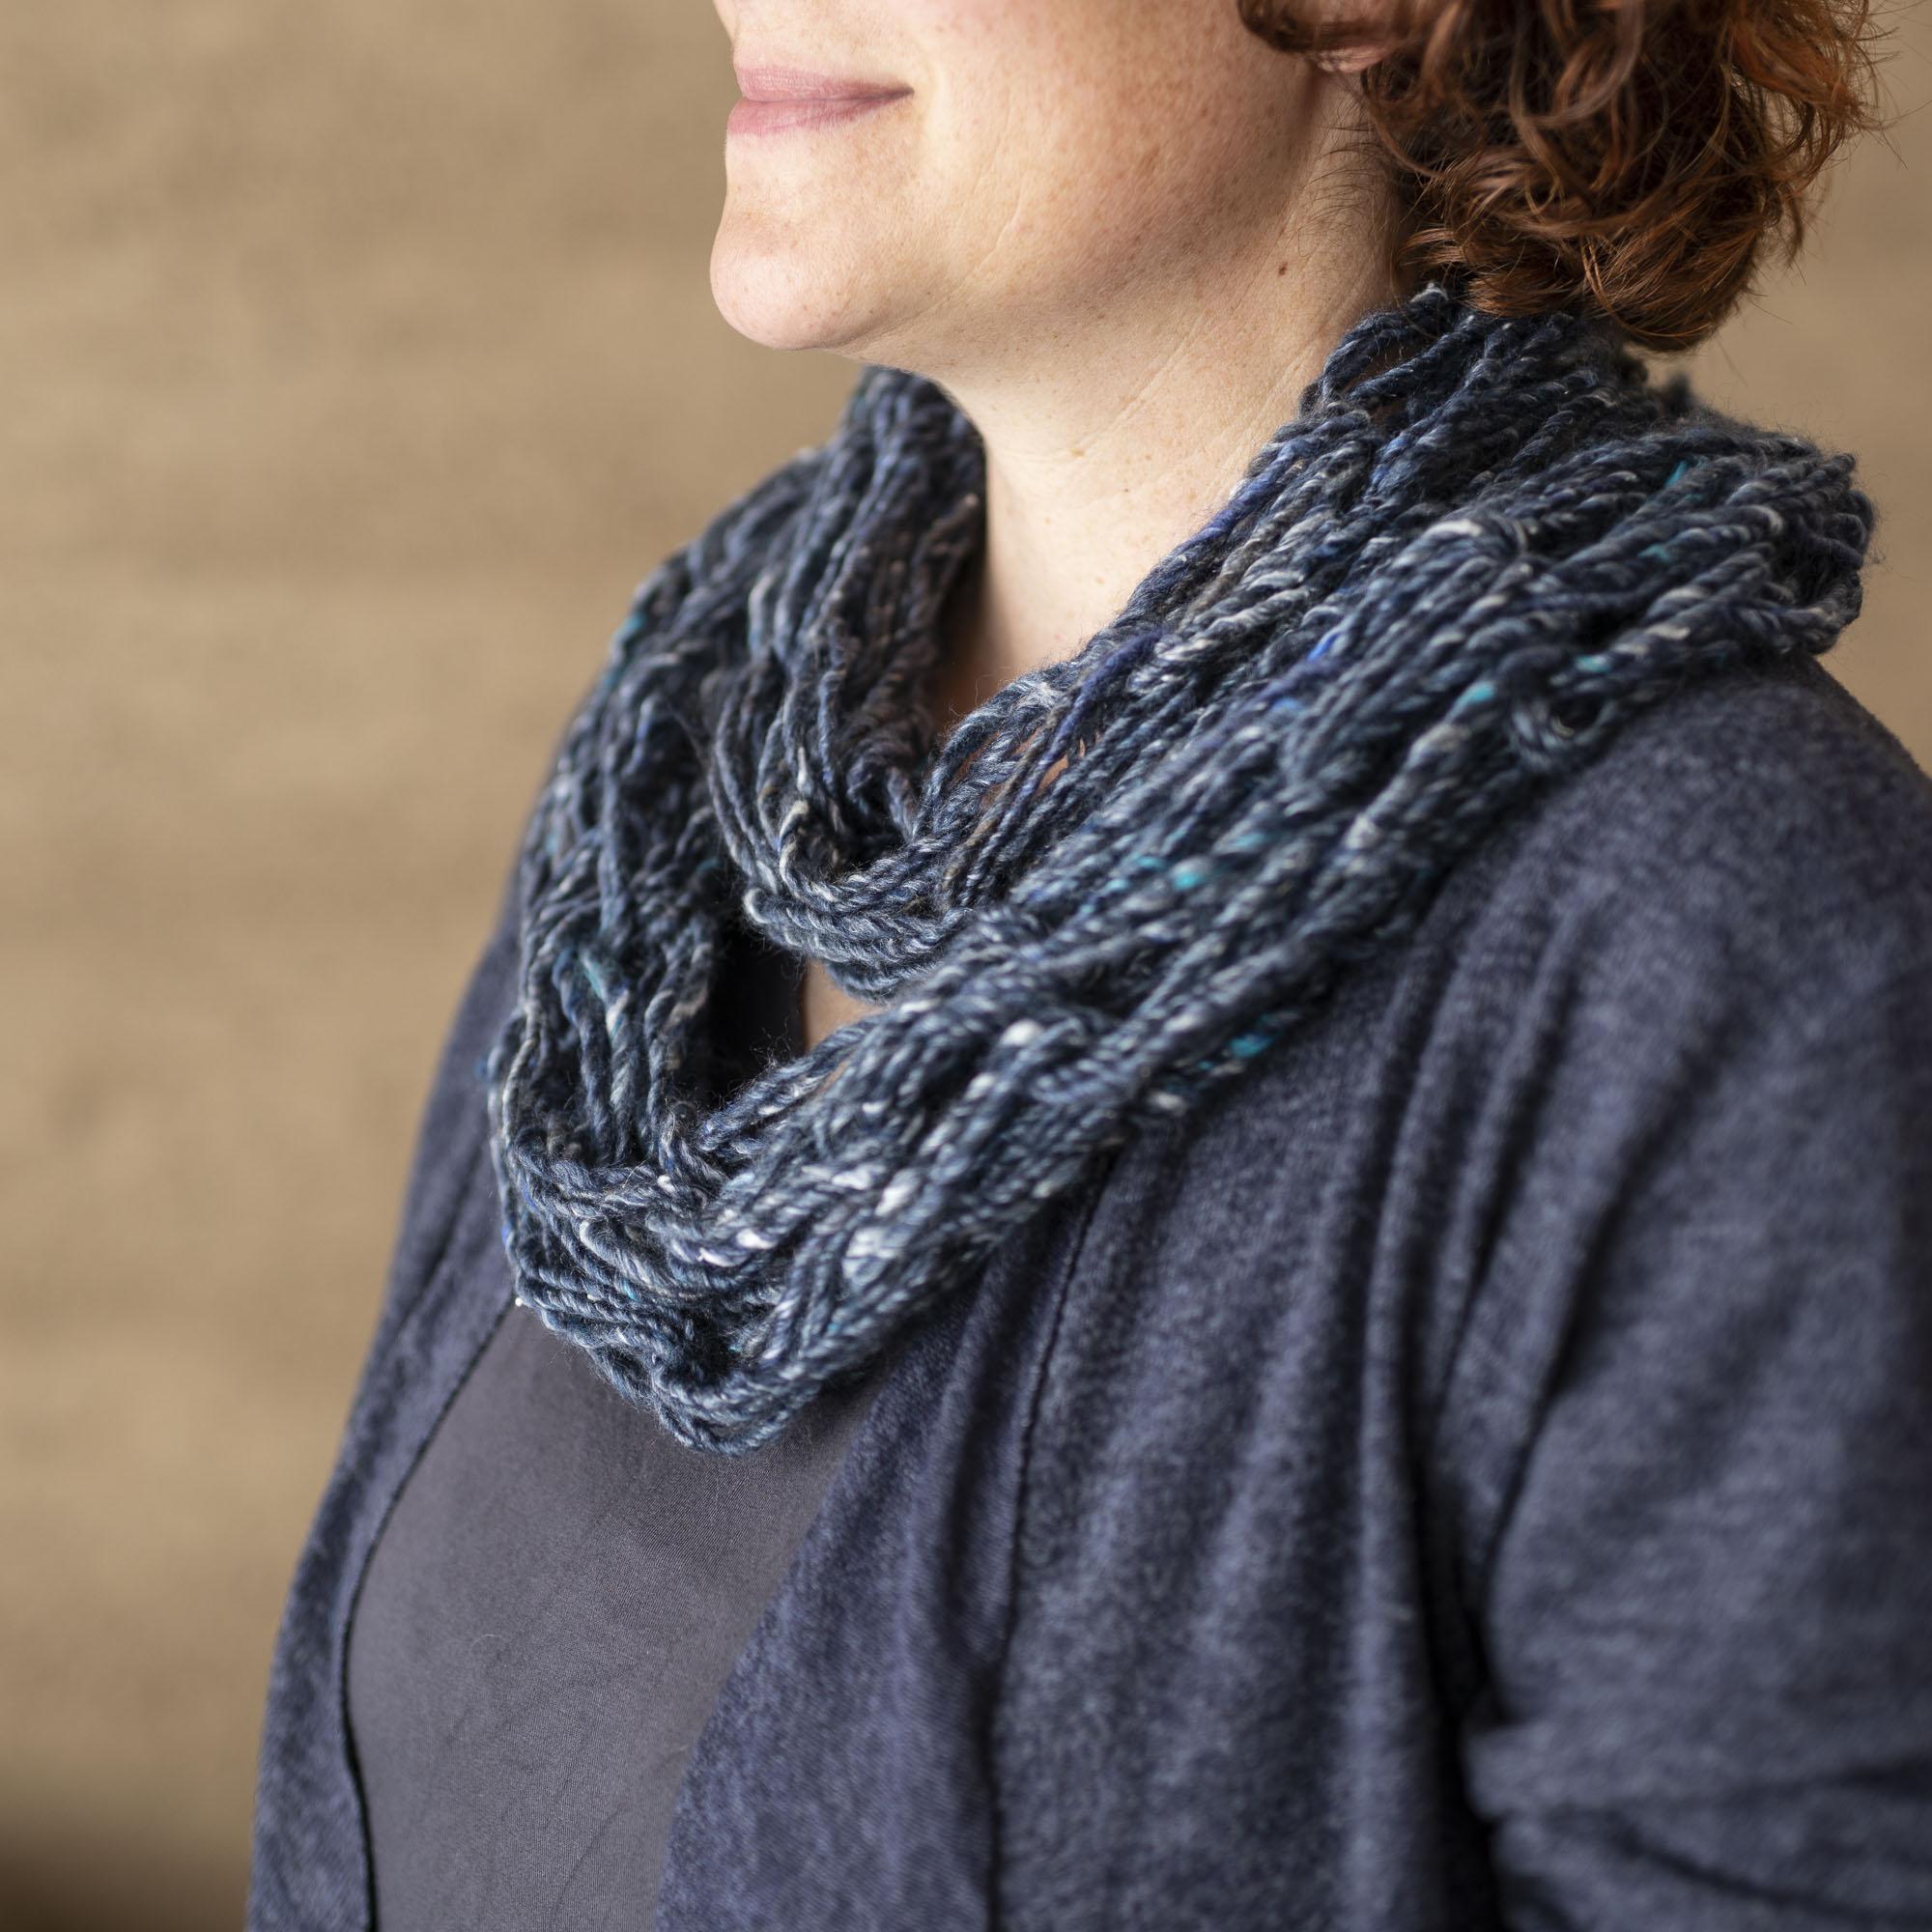 yarn-0024.jpg